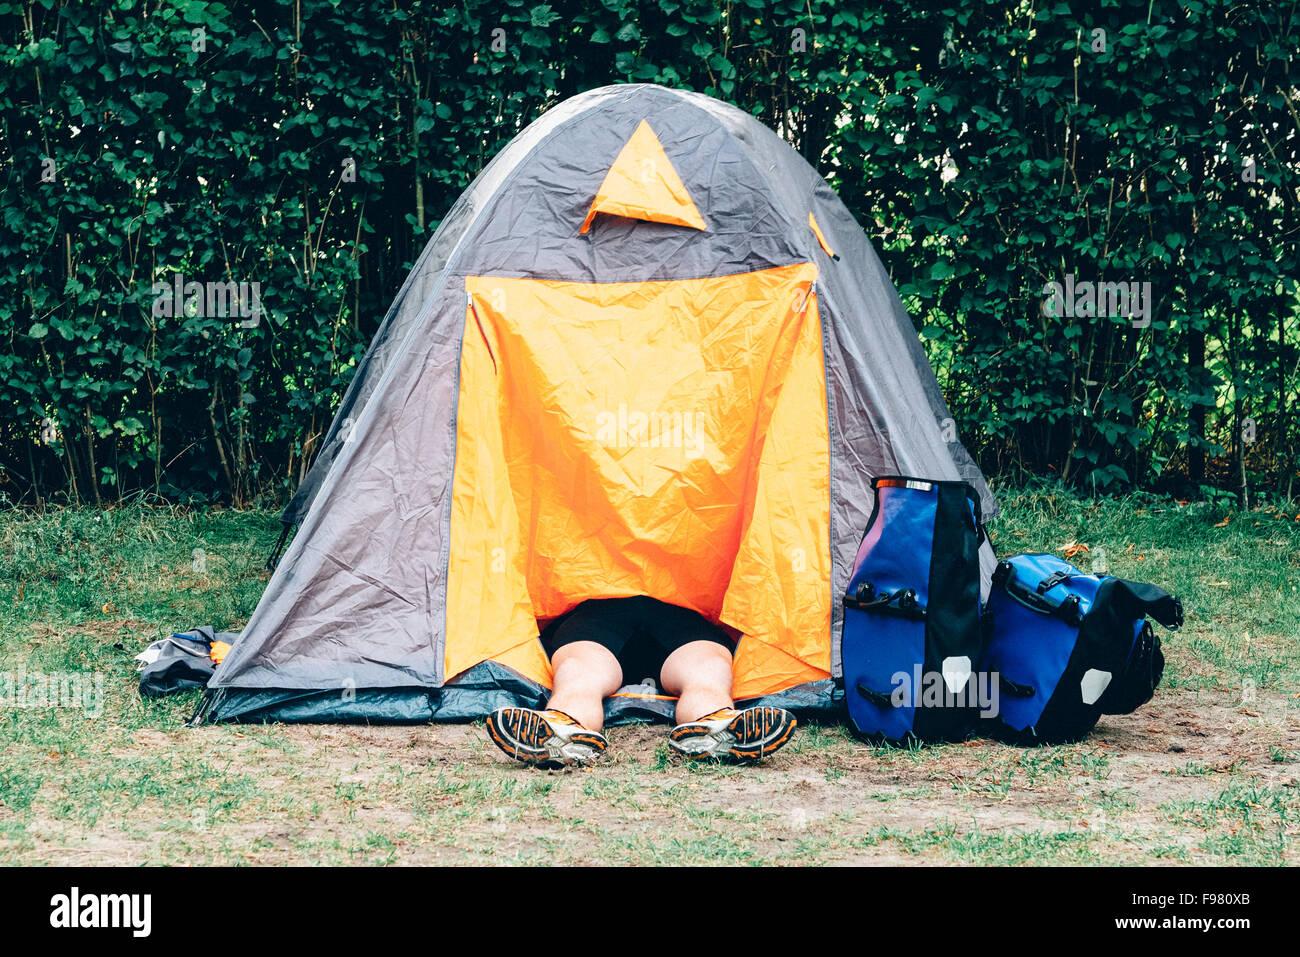 Sezione bassa di persona a riposo in tenda in campo al Campeggio Immagini Stock